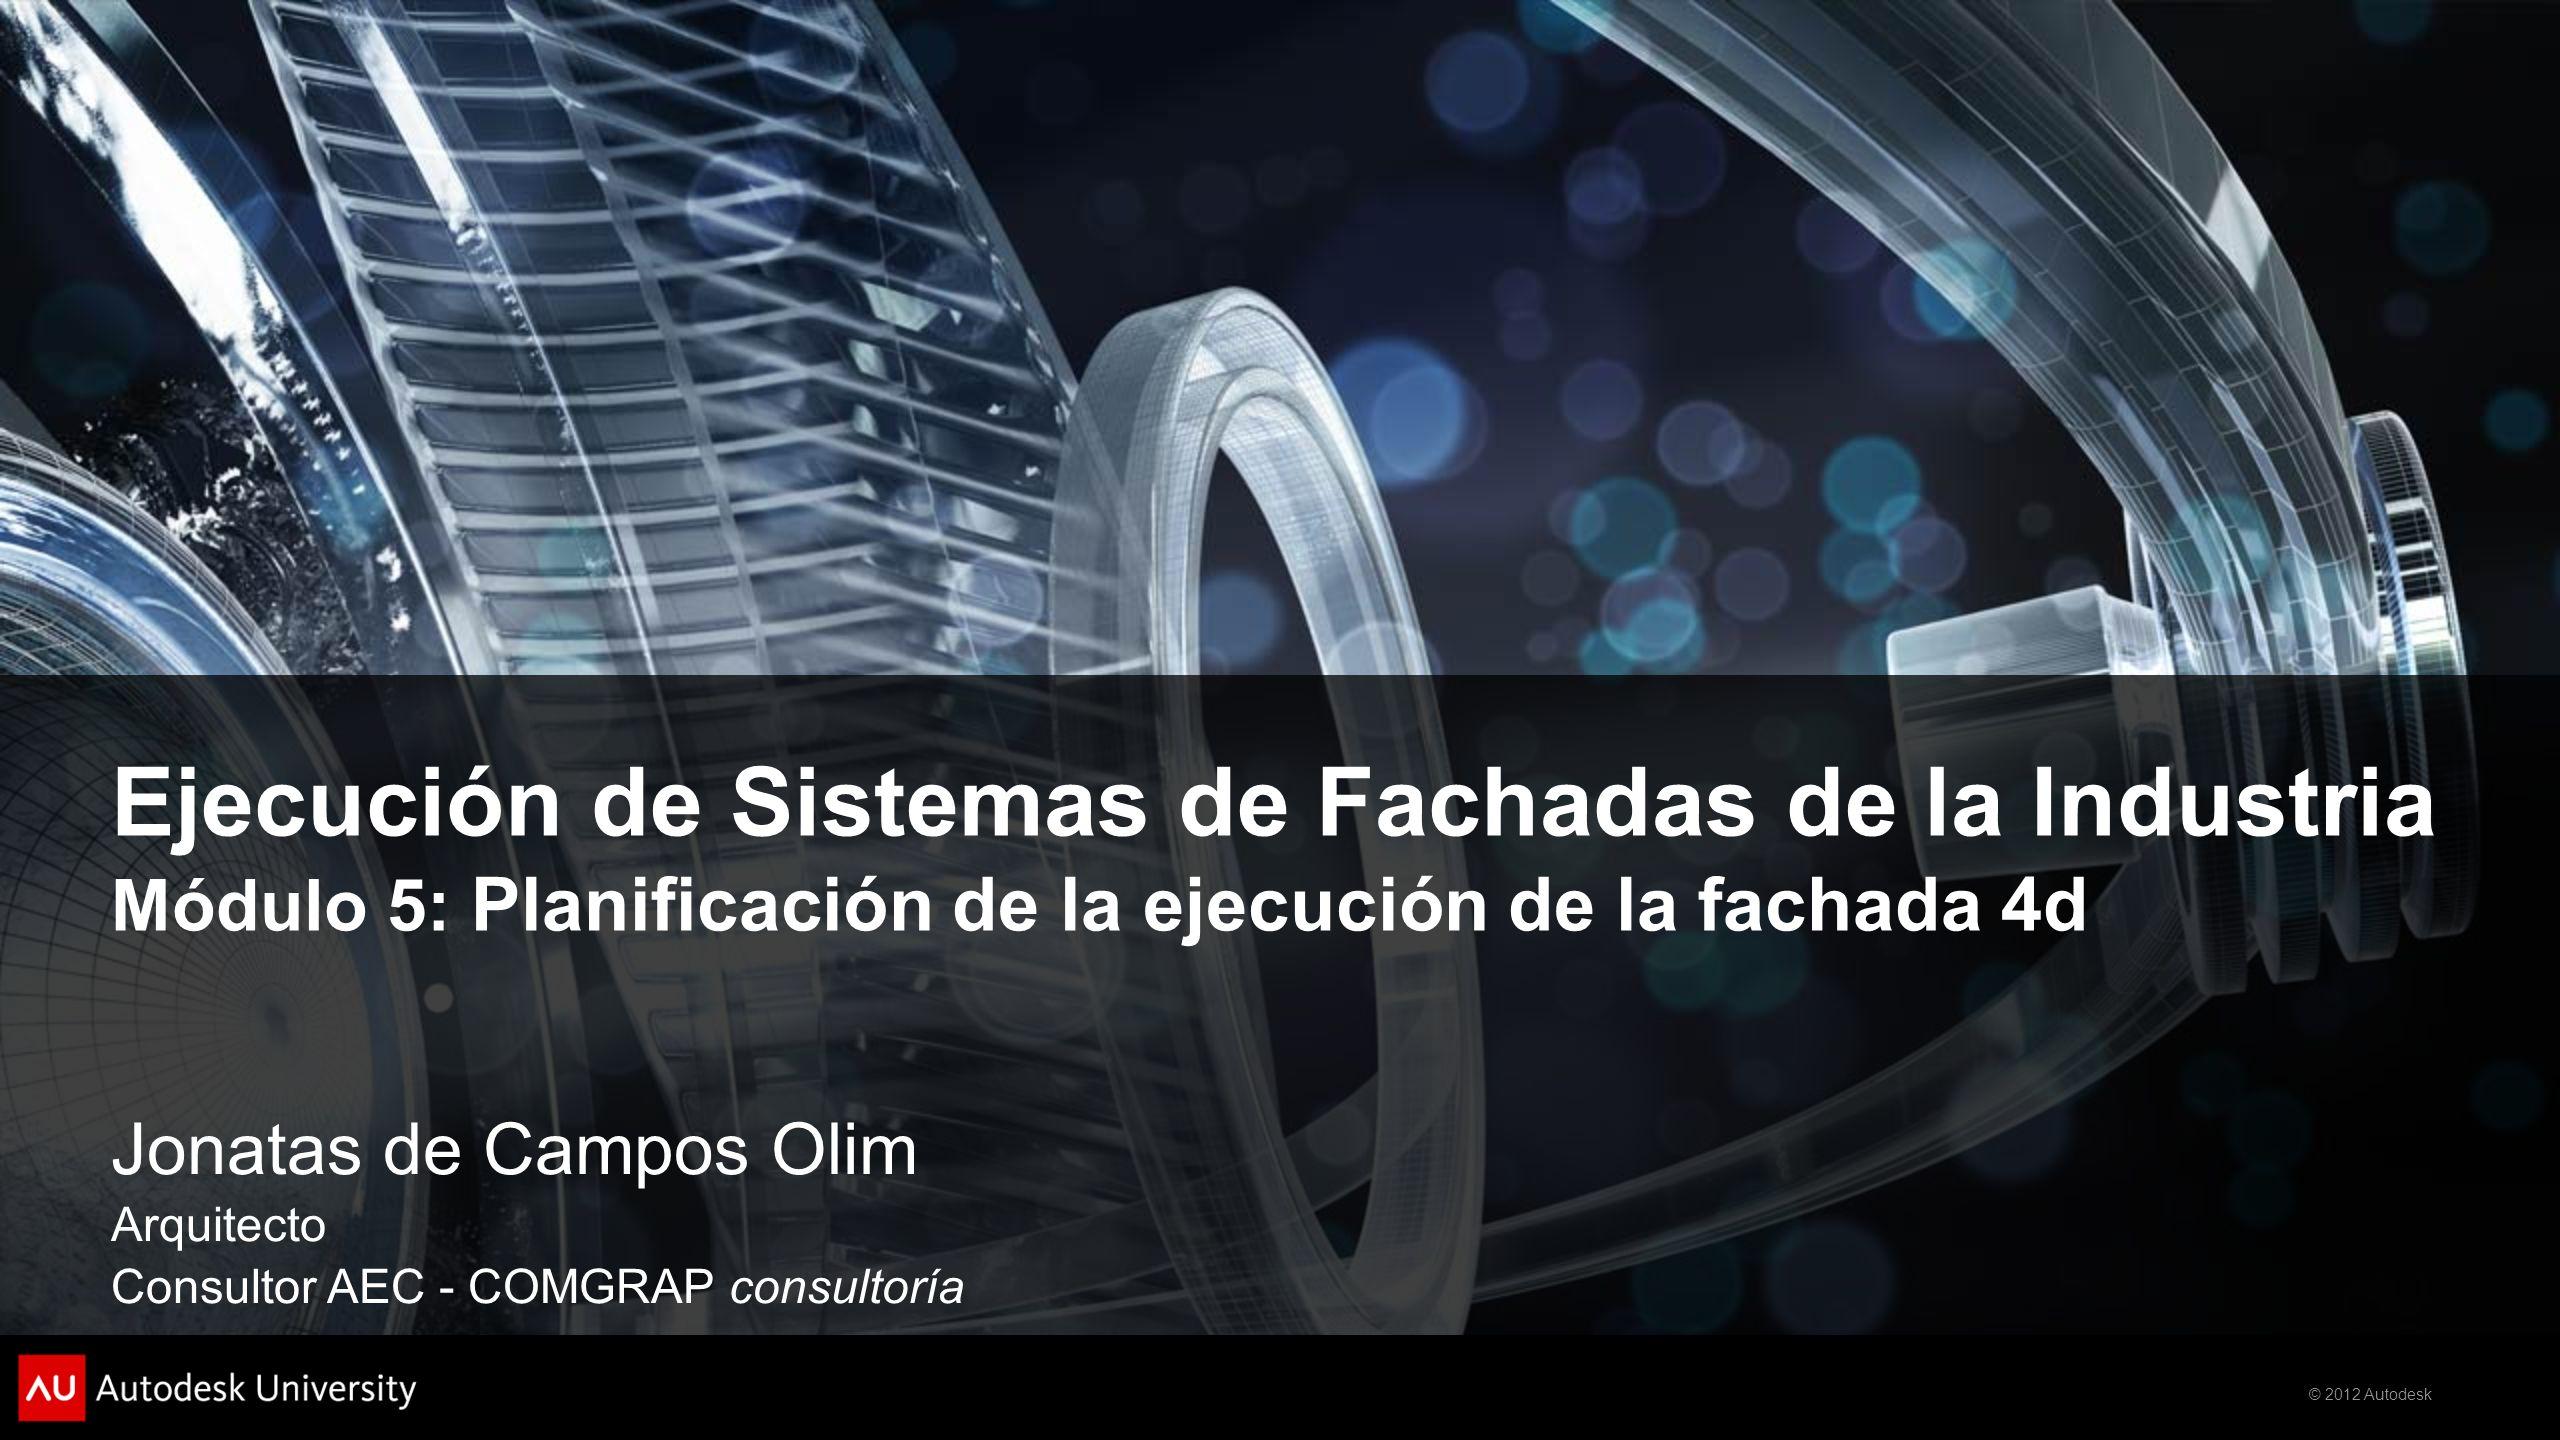 © 2012 Autodesk Ejecución de Sistemas de Fachadas de la Industria Módulo 5: Planificación de la ejecución de la fachada 4d Jonatas de Campos Olim Arquitecto Consultor AEC - COMGRAP consultoría